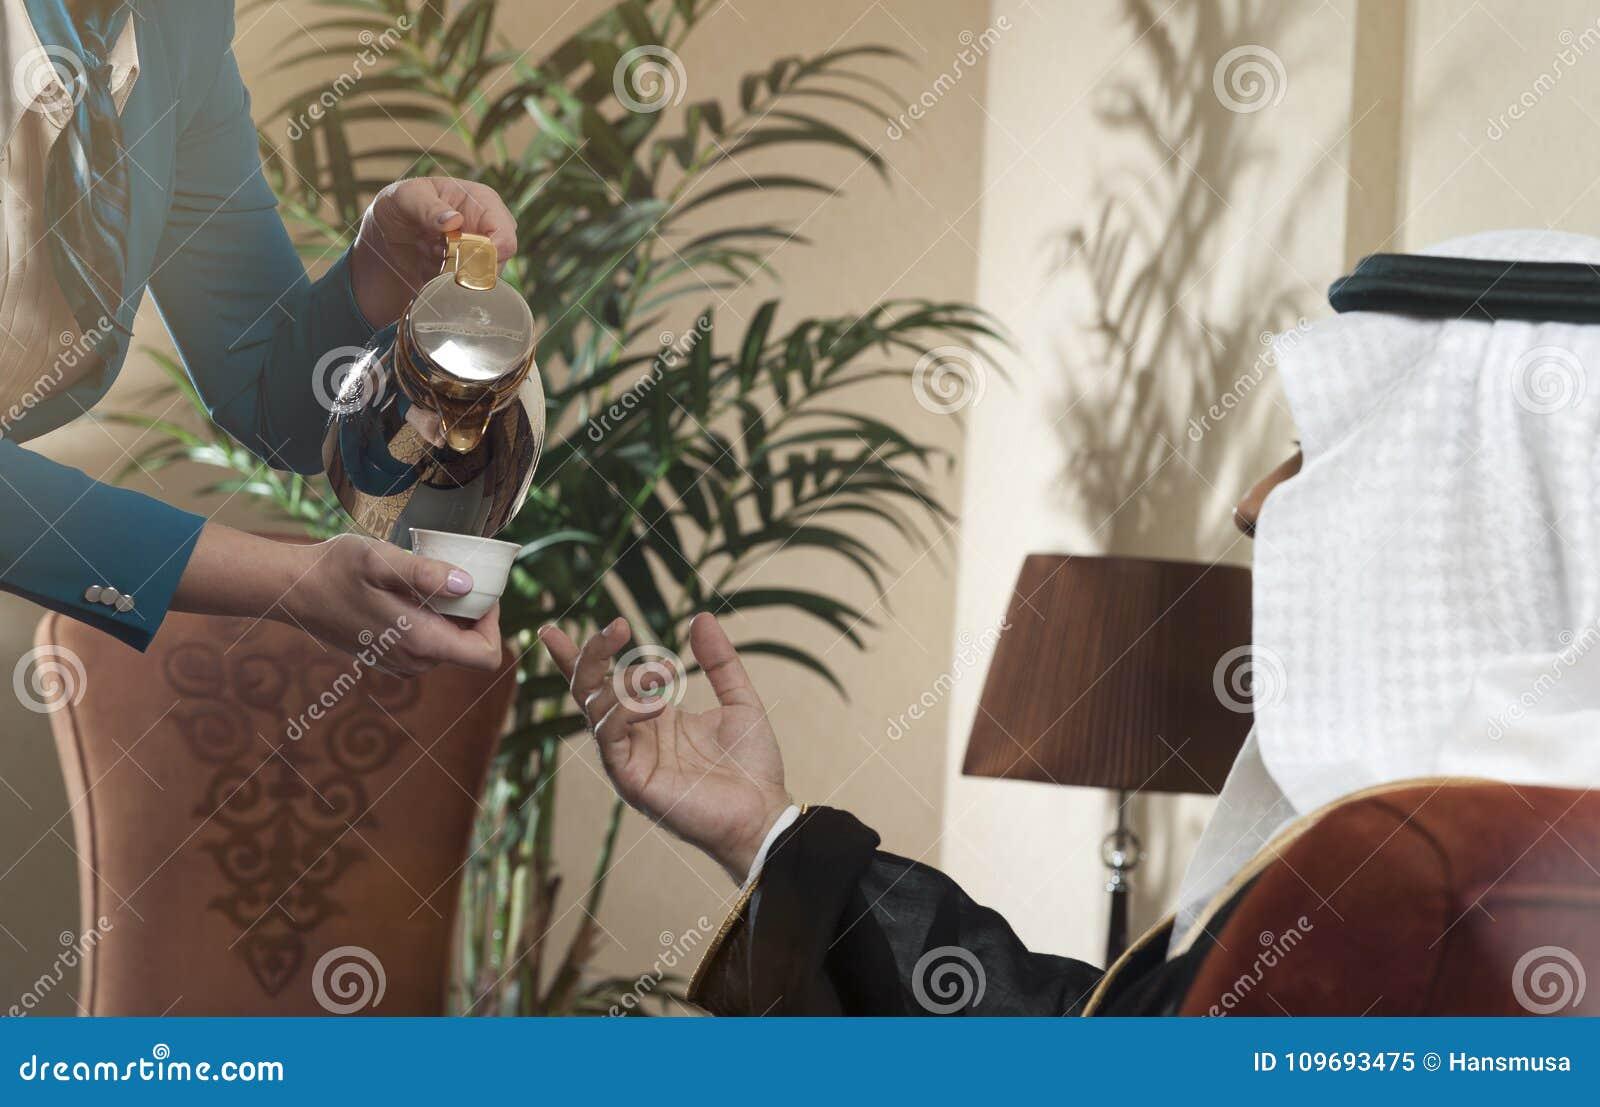 Empregada de mesa Serving Arabic Coffee a um homem árabe rico